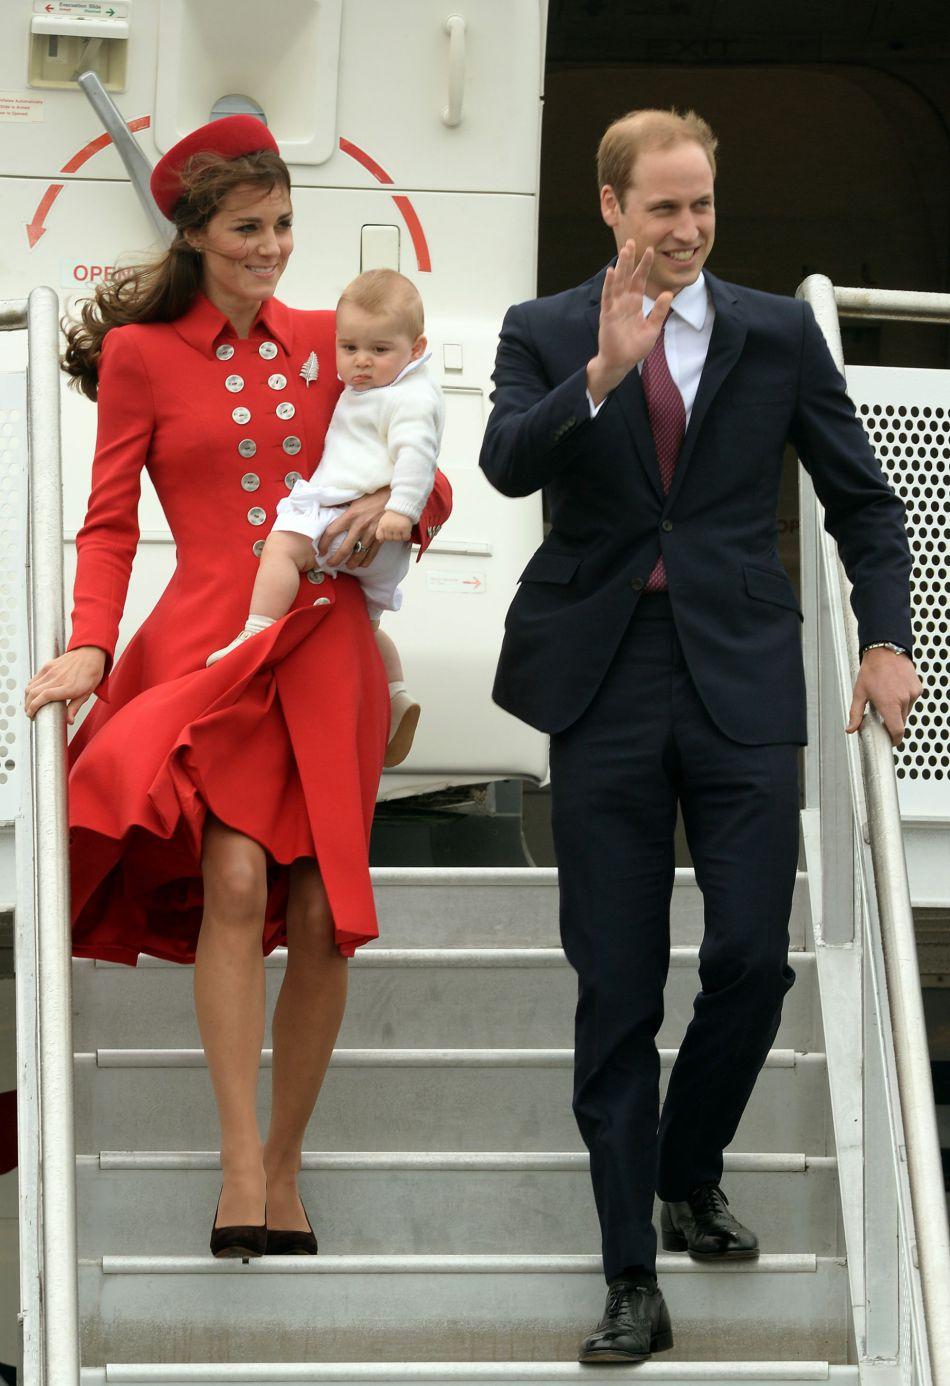 Le duc et la duchesse de Cambridge en Australie en 2014. Le 24 septembre prochain, on les retrouvera à leur descente de l'avion avec leurs deux enfants, au Canada !